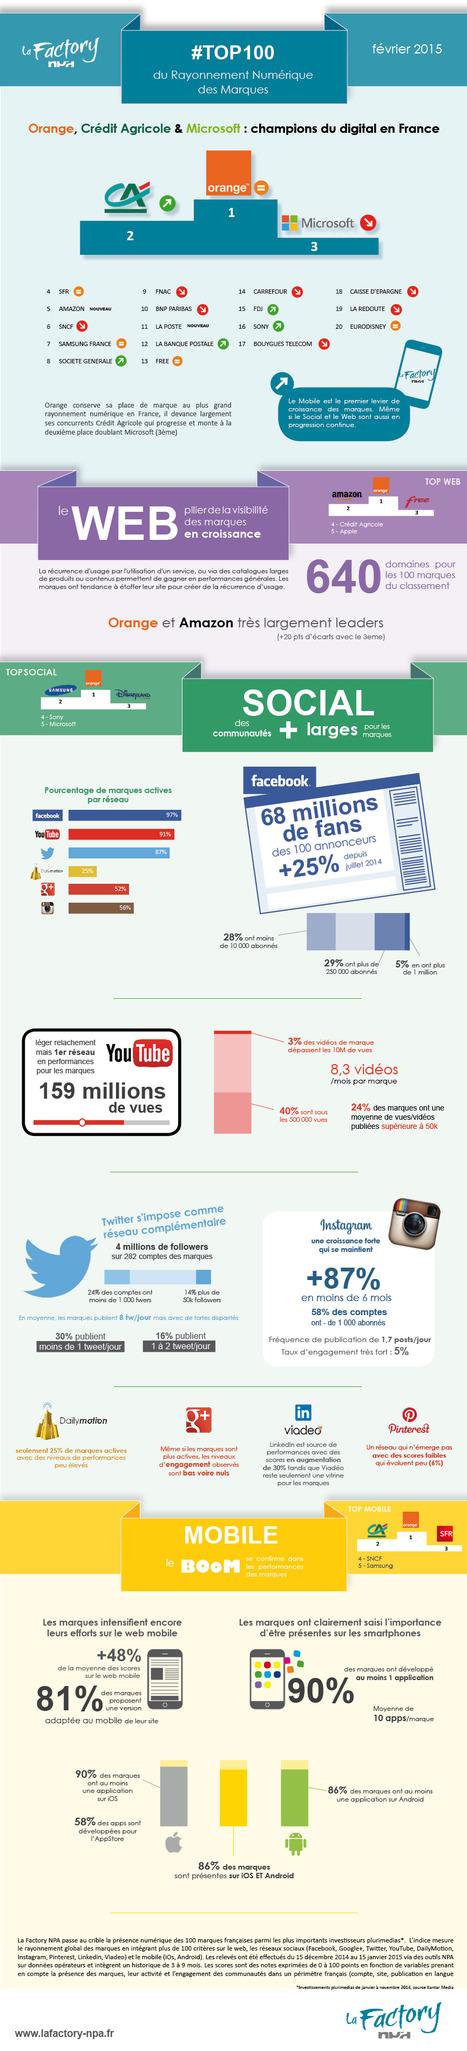 [Infographie] les 100 marques avec le plus fort rayonnement numérique | Inbound marketing + eCommerce | Scoop.it